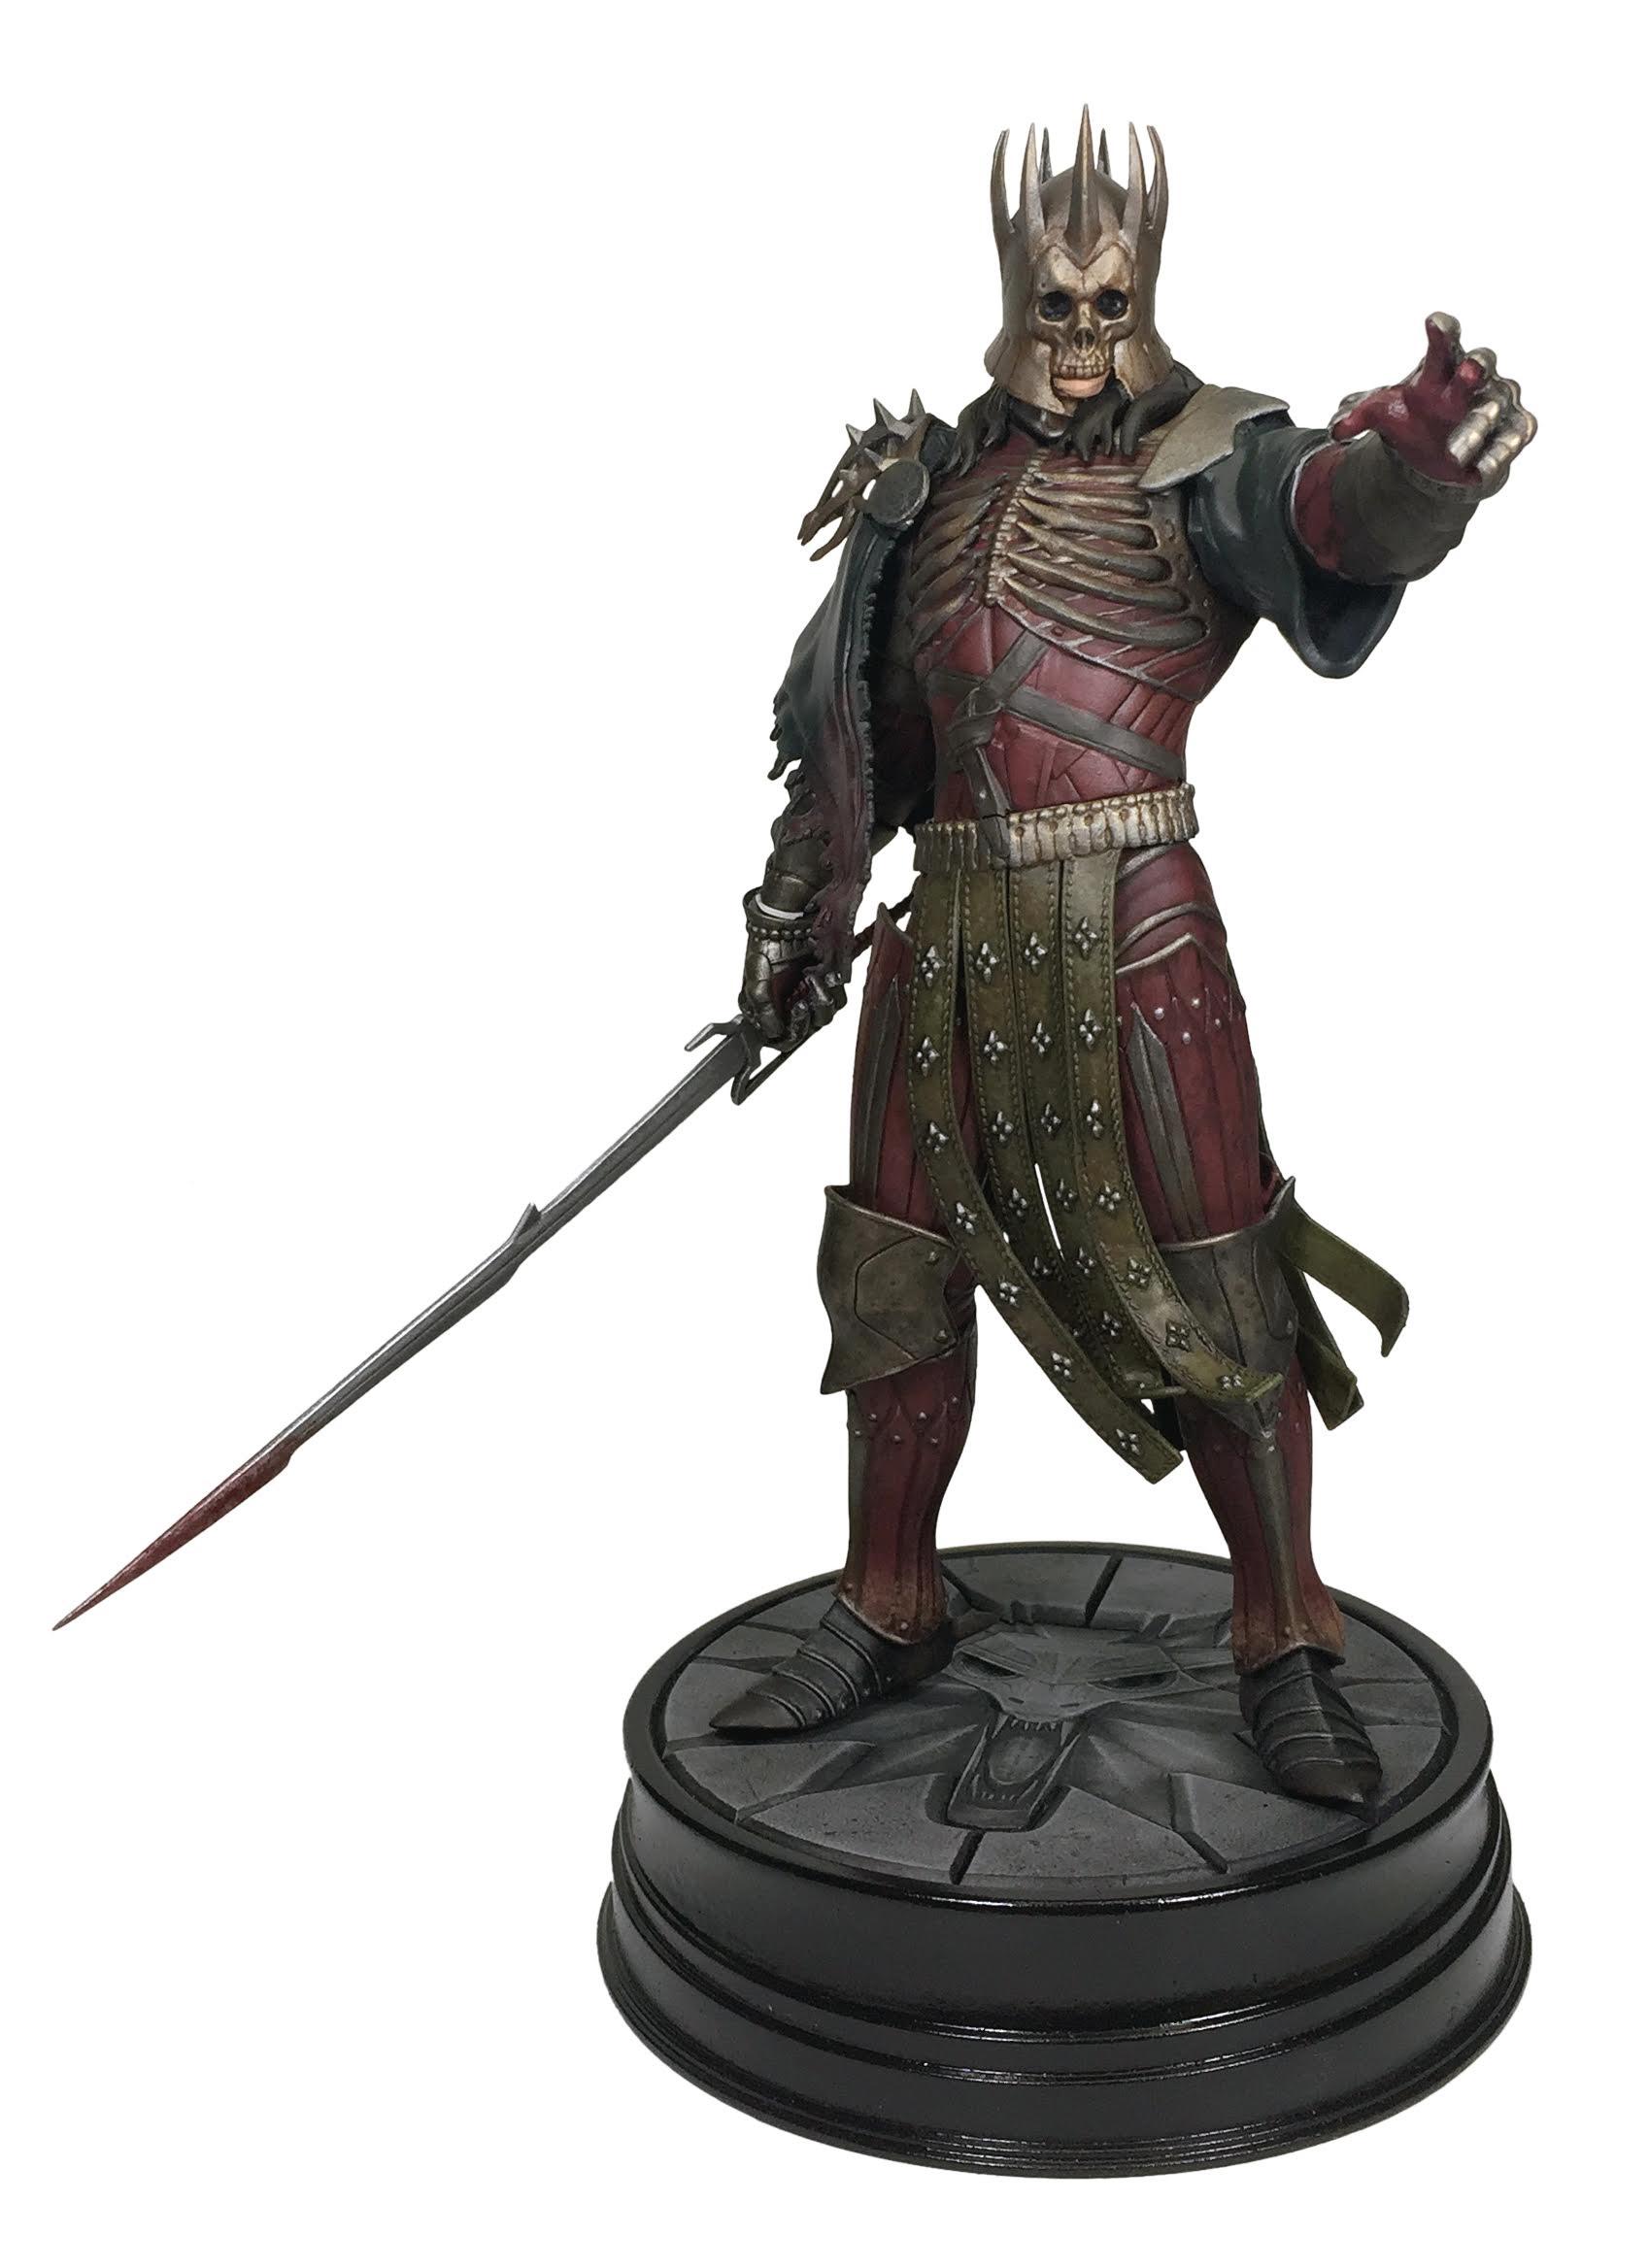 Фигурка Witcher 3: Wild Hunt. King Of The Wild Hunt Eredin (24 см)Представляем вашему вниманию фигурку Witcher 3: Wild Hunt. King Of The Wild Hunt Eredin, созданную по мотивам популярной компьютерной игры «Ведьмак 3: Дикая охота».<br>